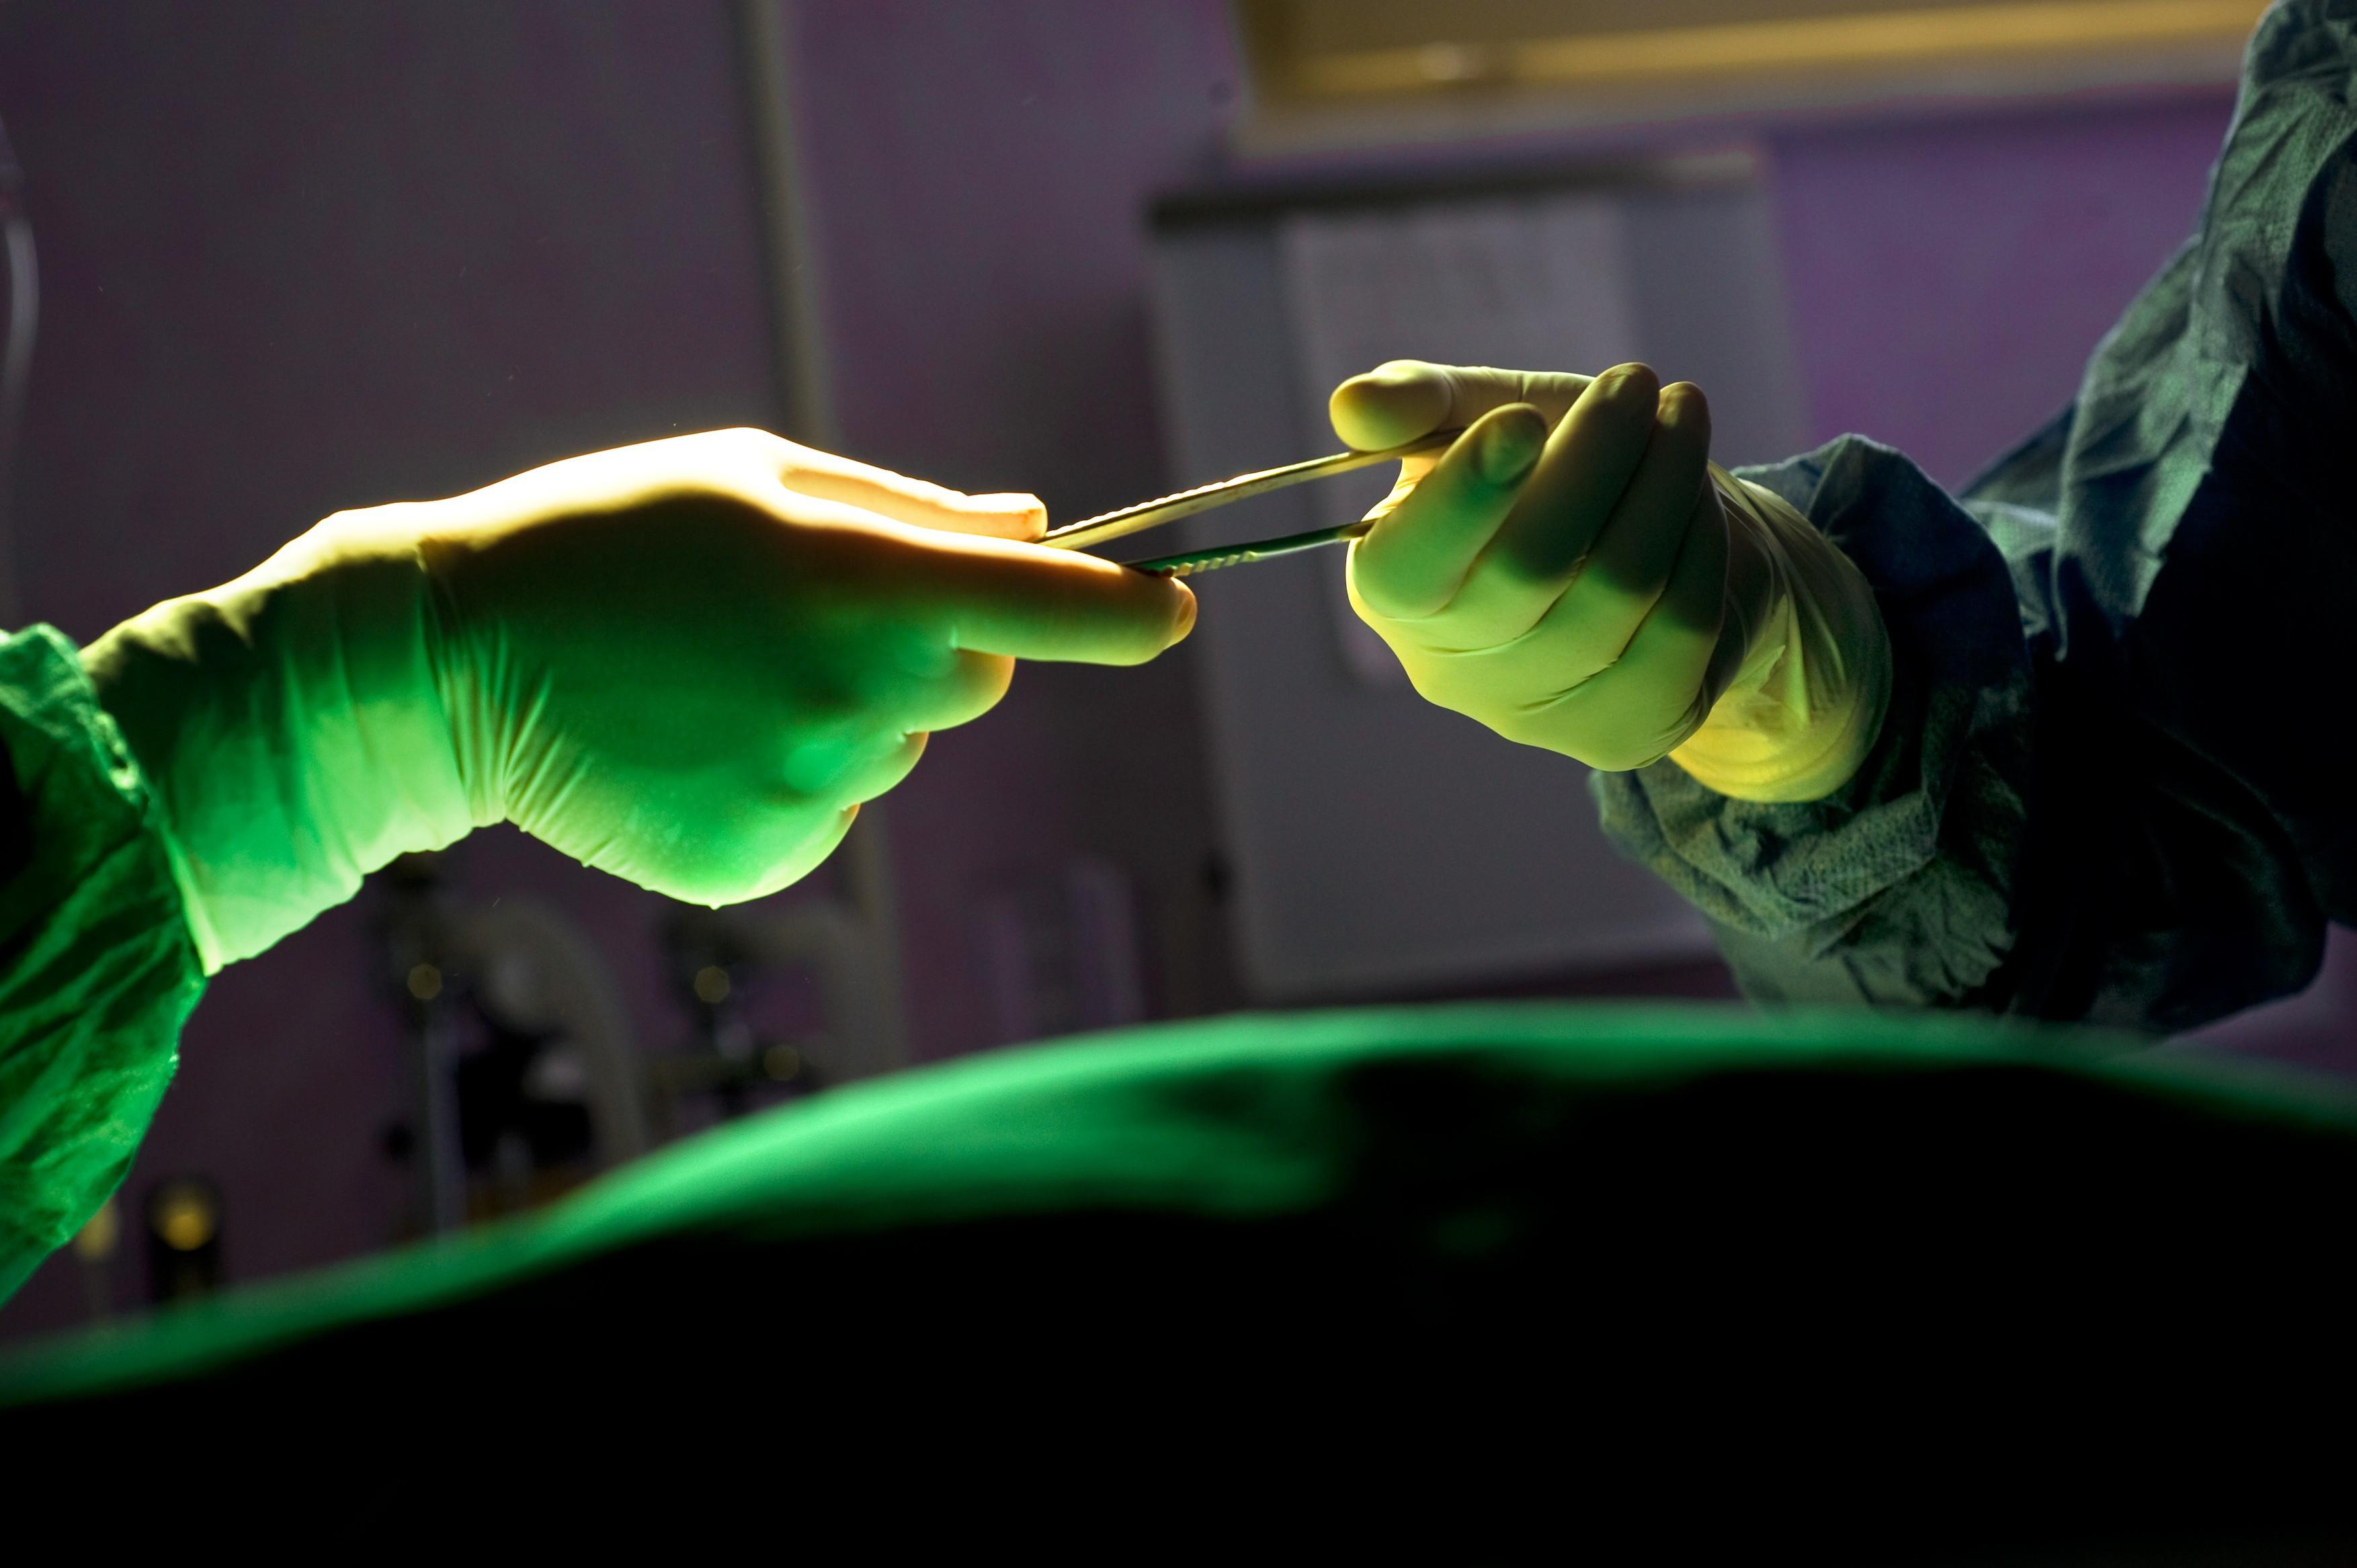 Premieră medicală mondială. Tumoare de 20 centimetri, îndepărtată printr-o operaţie fără incizii, într-un spital din Milano